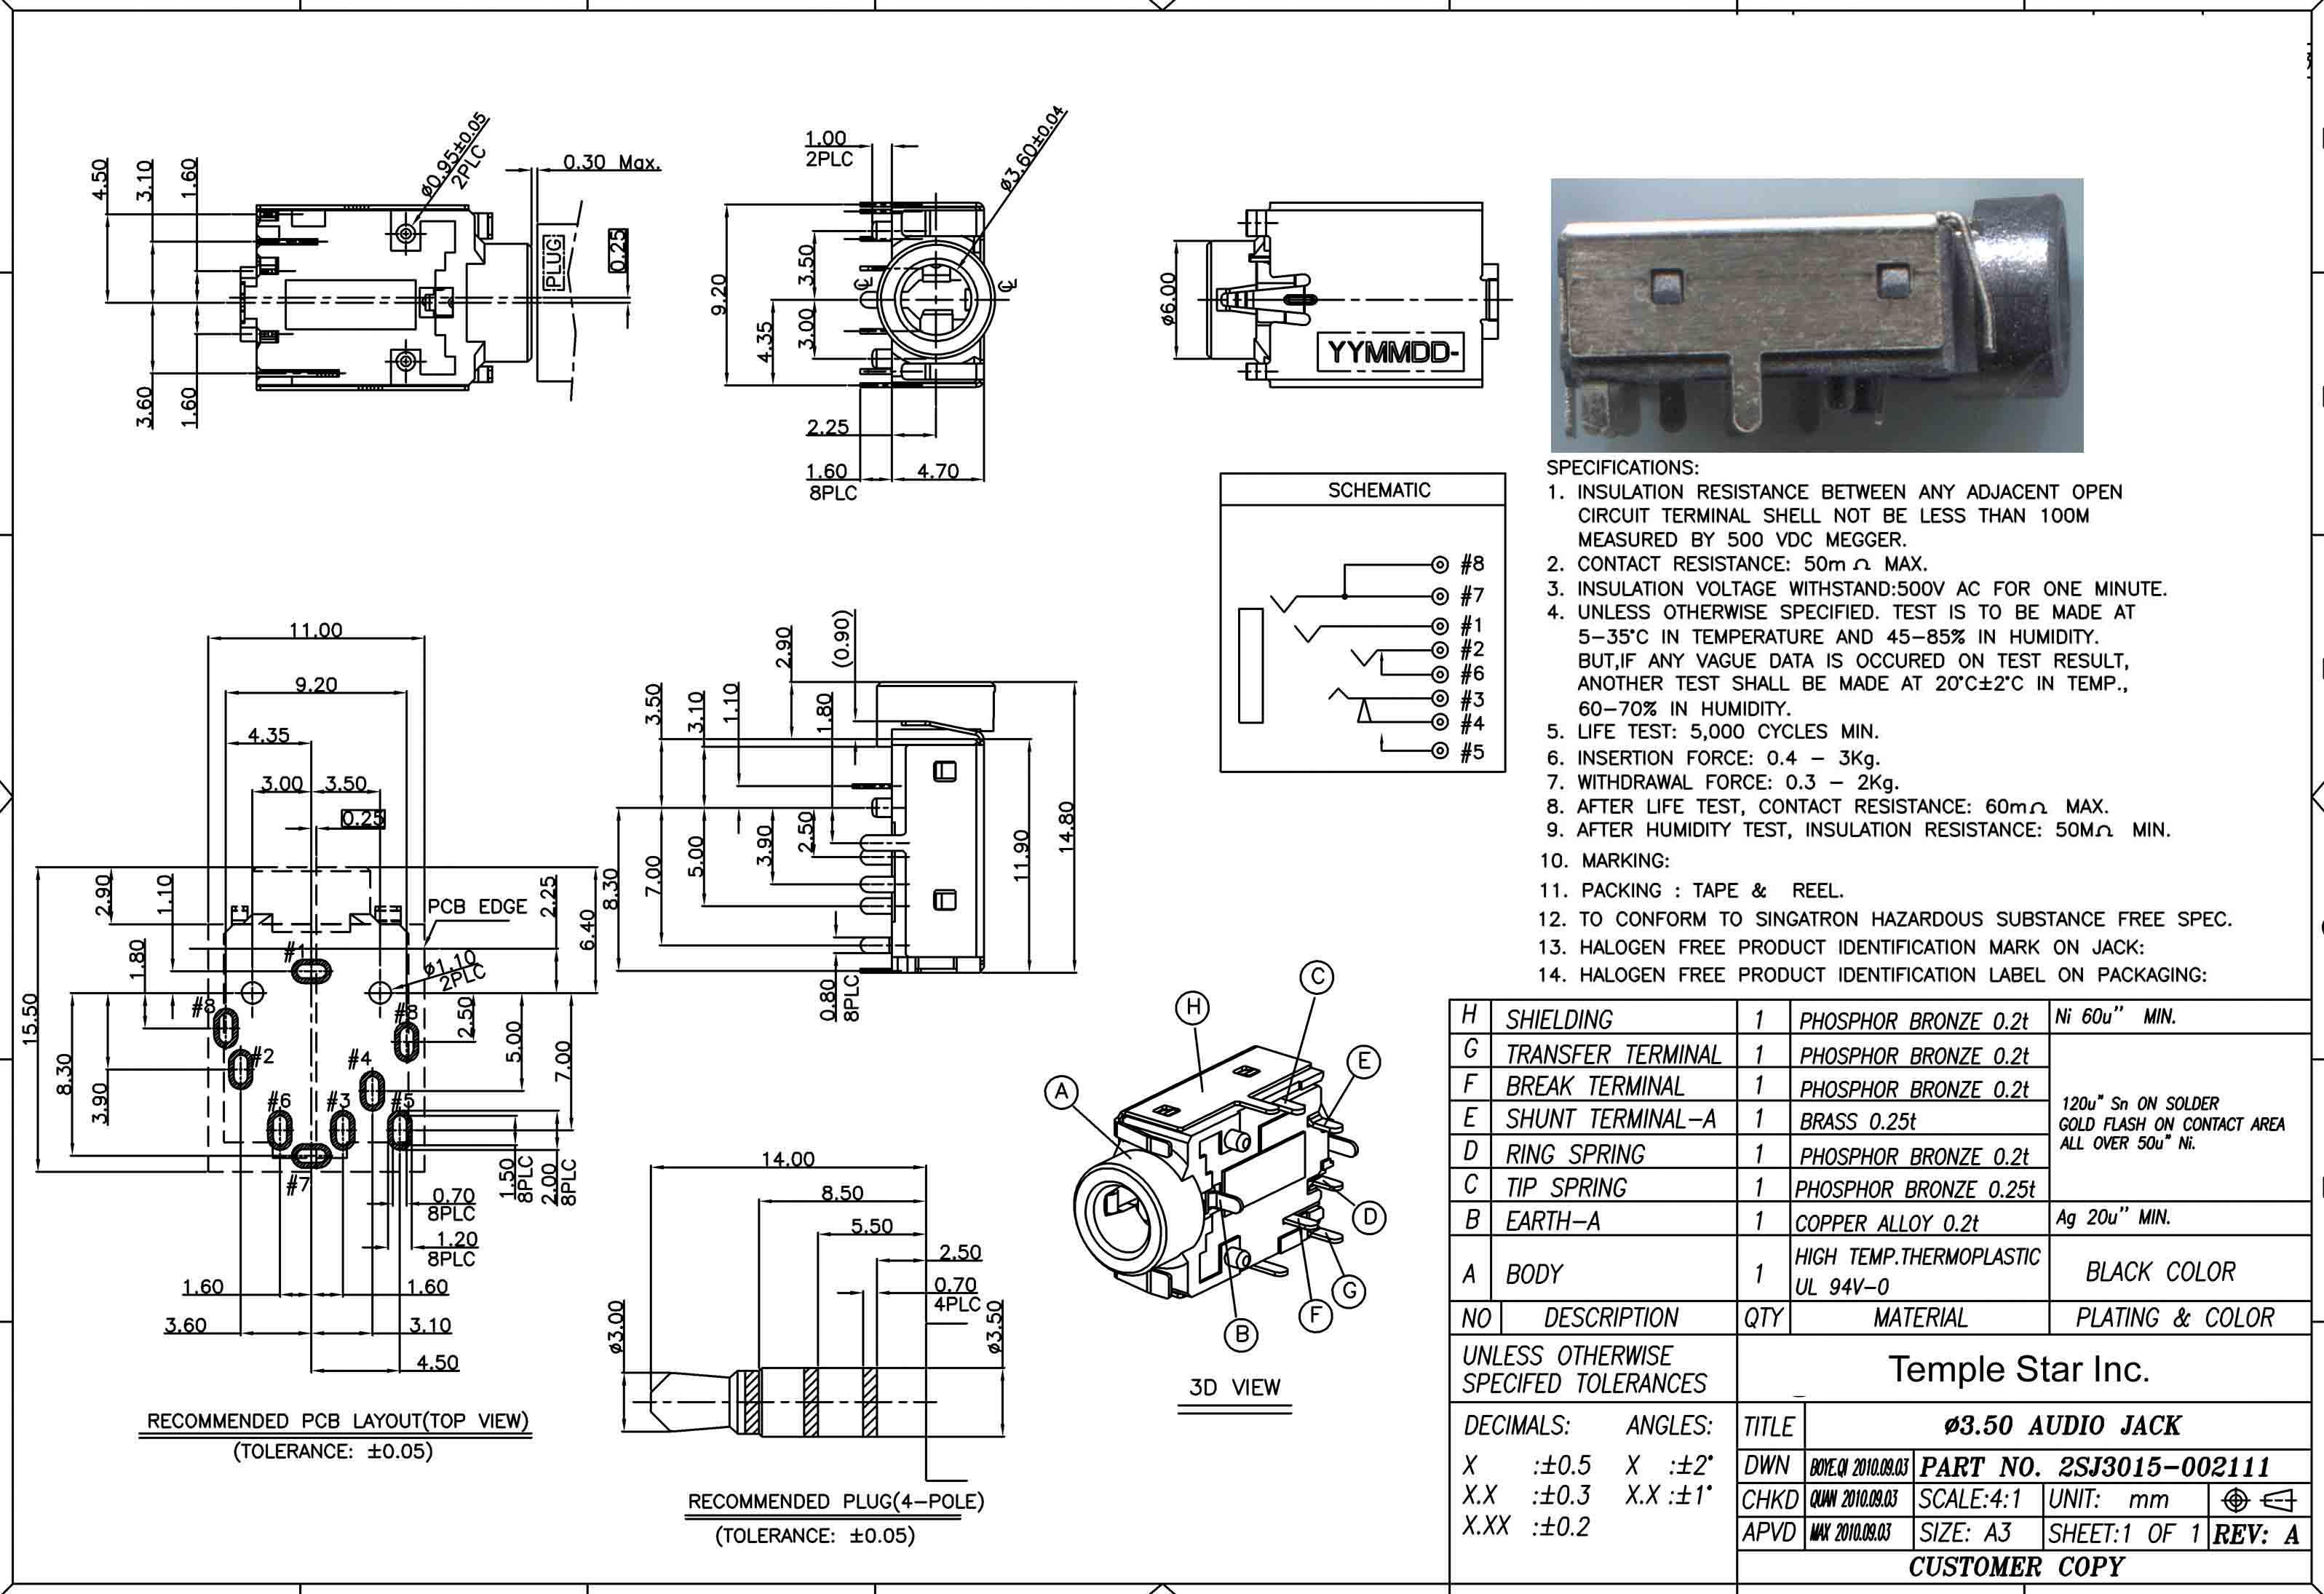 Mv 4435 Mm Headphone Jack Diagram Also Diagram For 2002 3 5 Mm Stereo